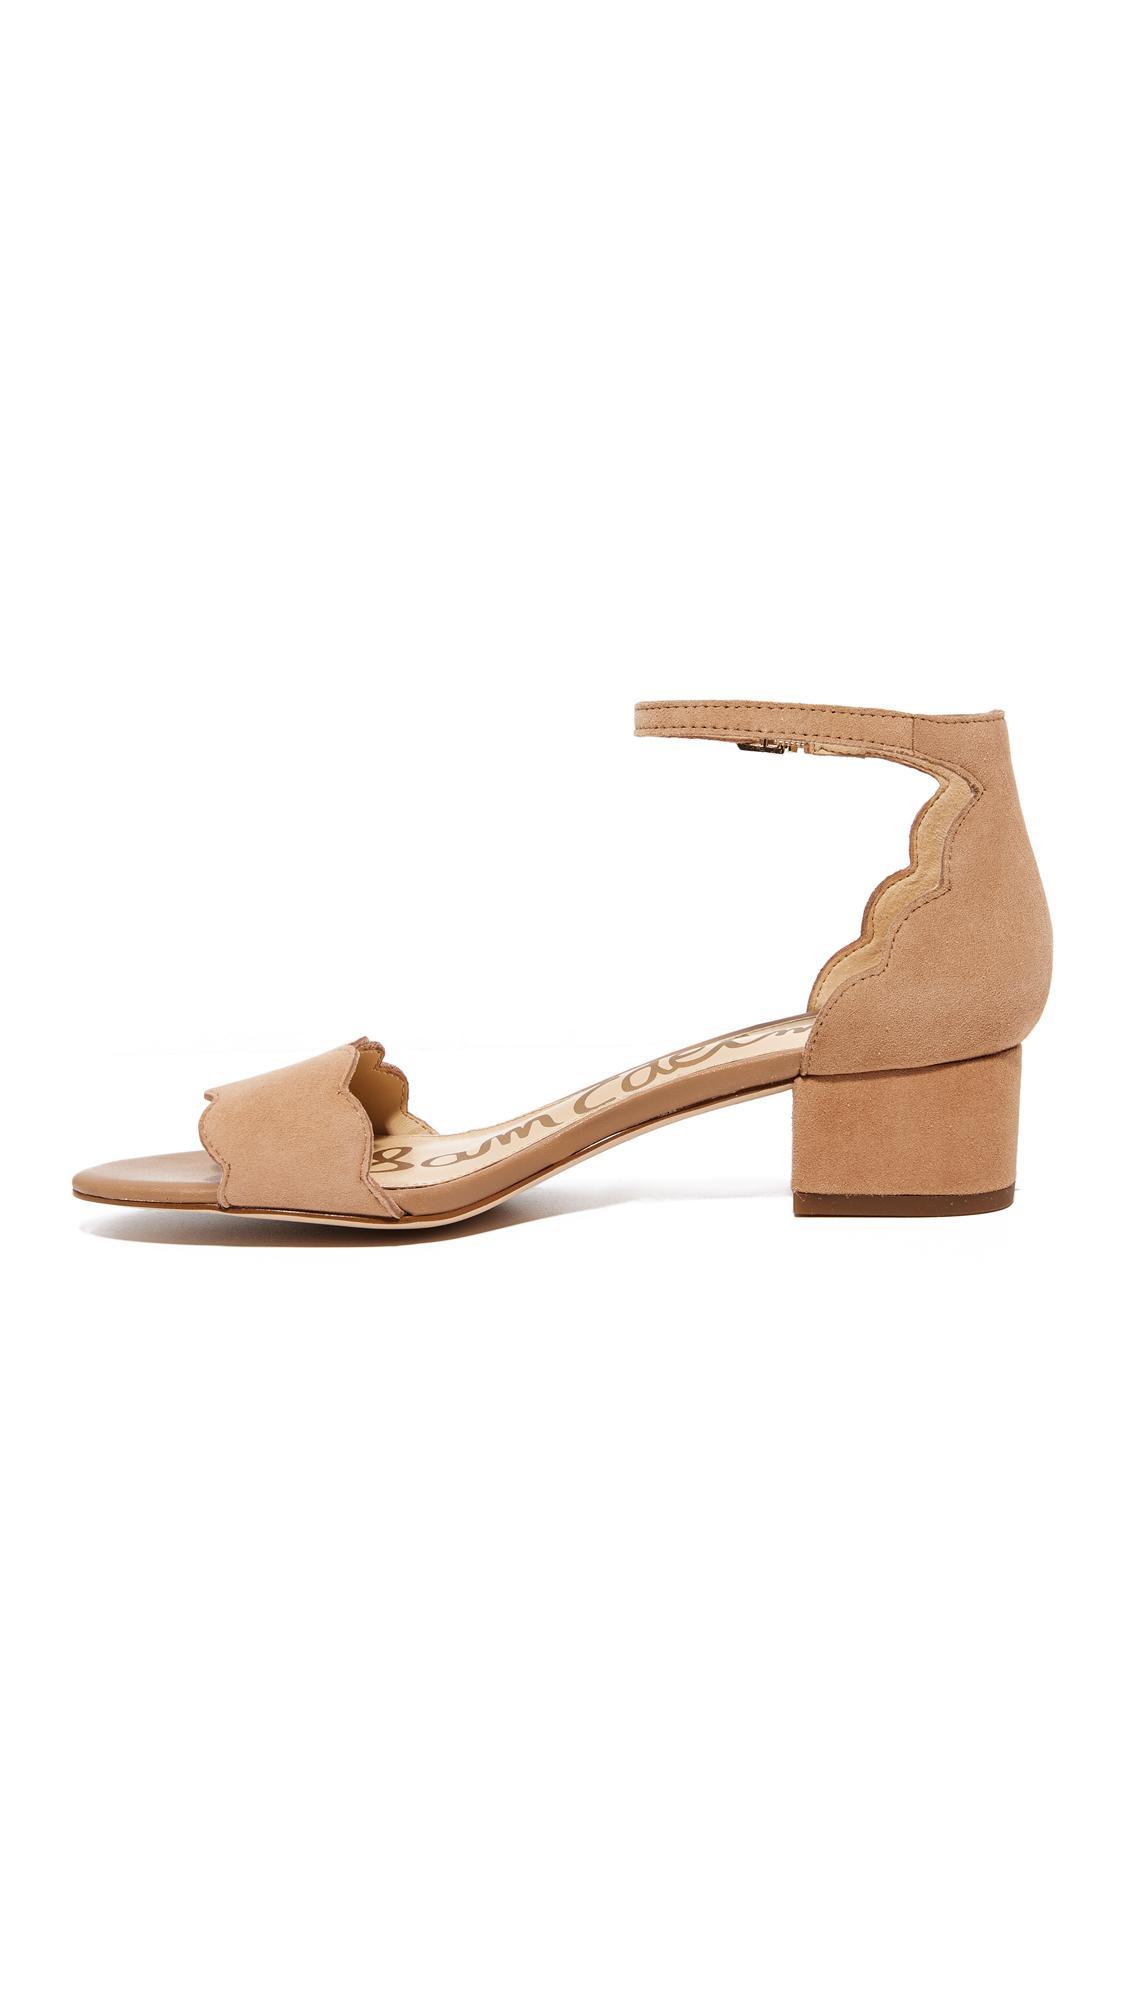 Sam Edelman Suede Inara City Sandals - Lyst